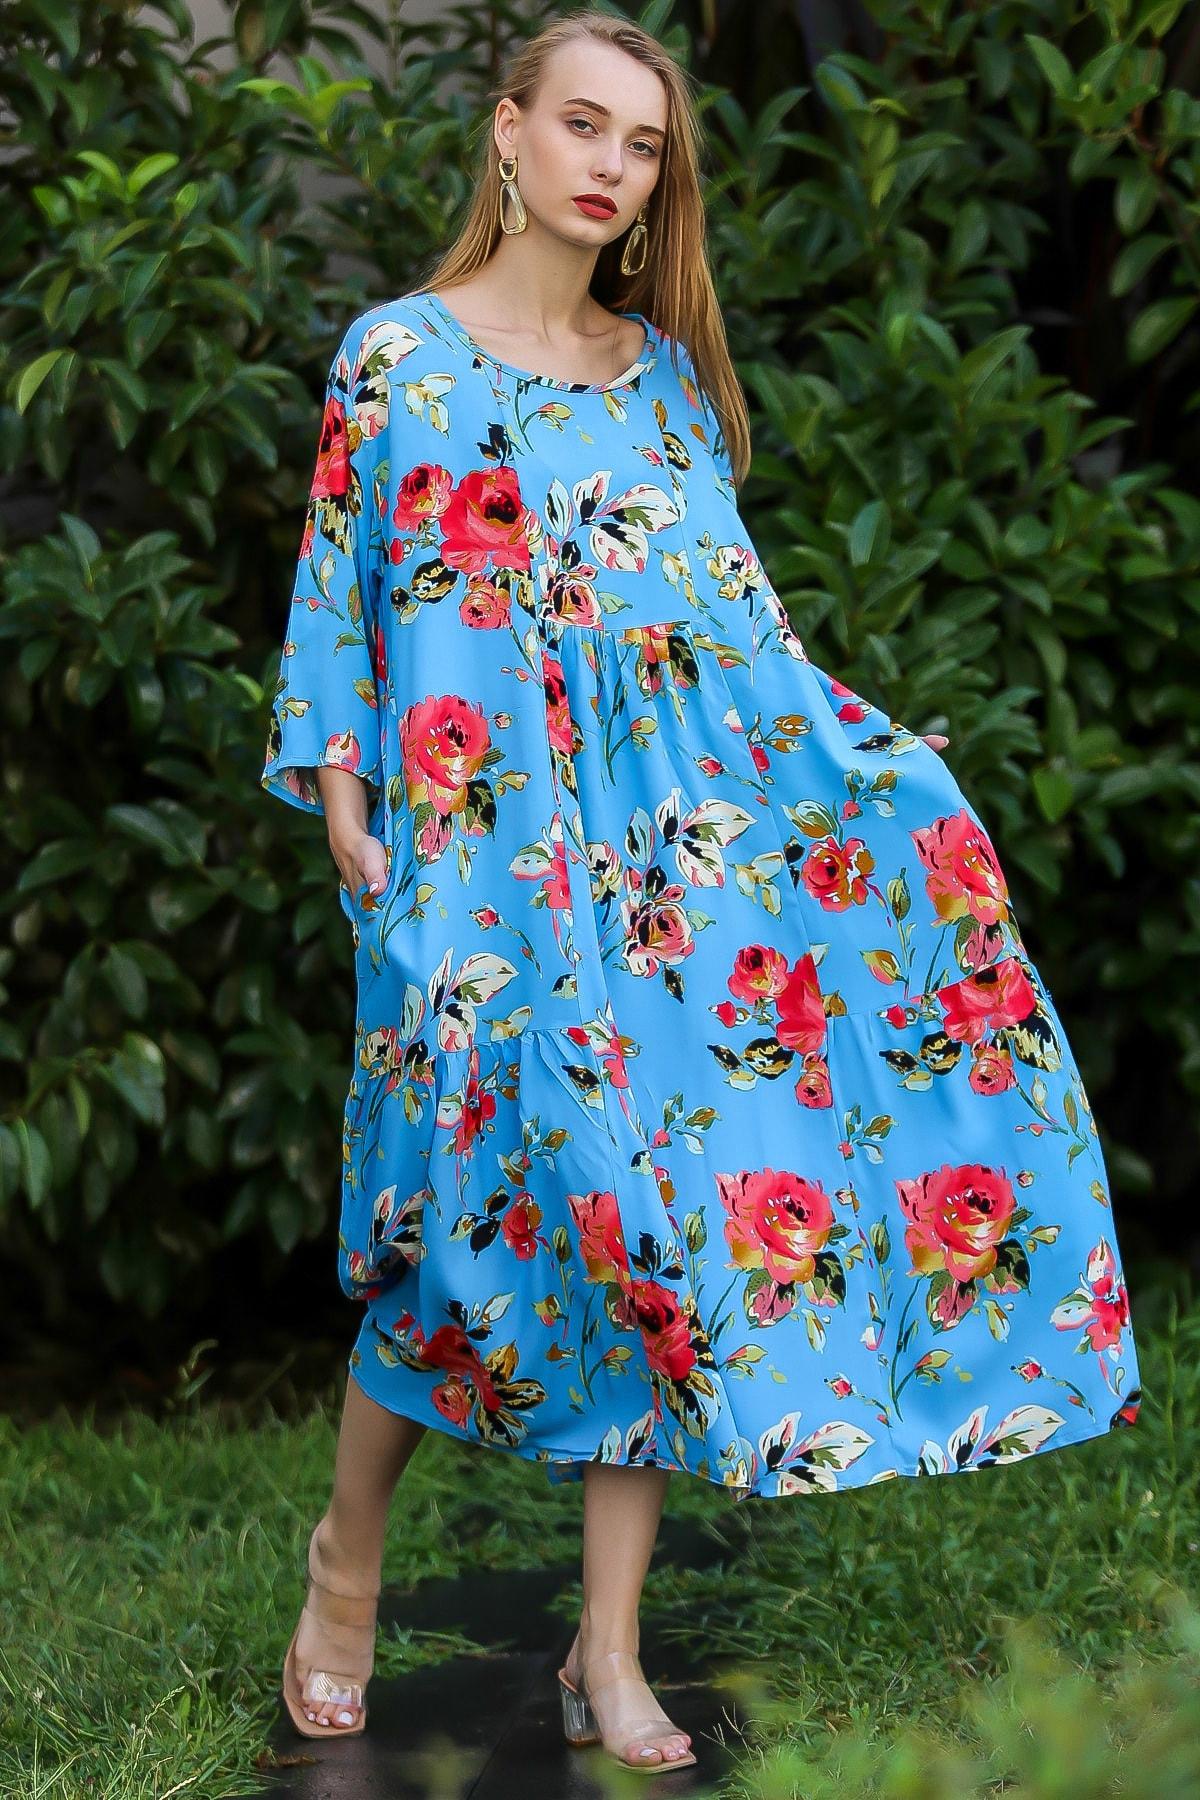 Chiccy Kadın Mavi Vintage Sıfır Yaka Gül Desenli Oversize Cepli Elbise M10160000El96340